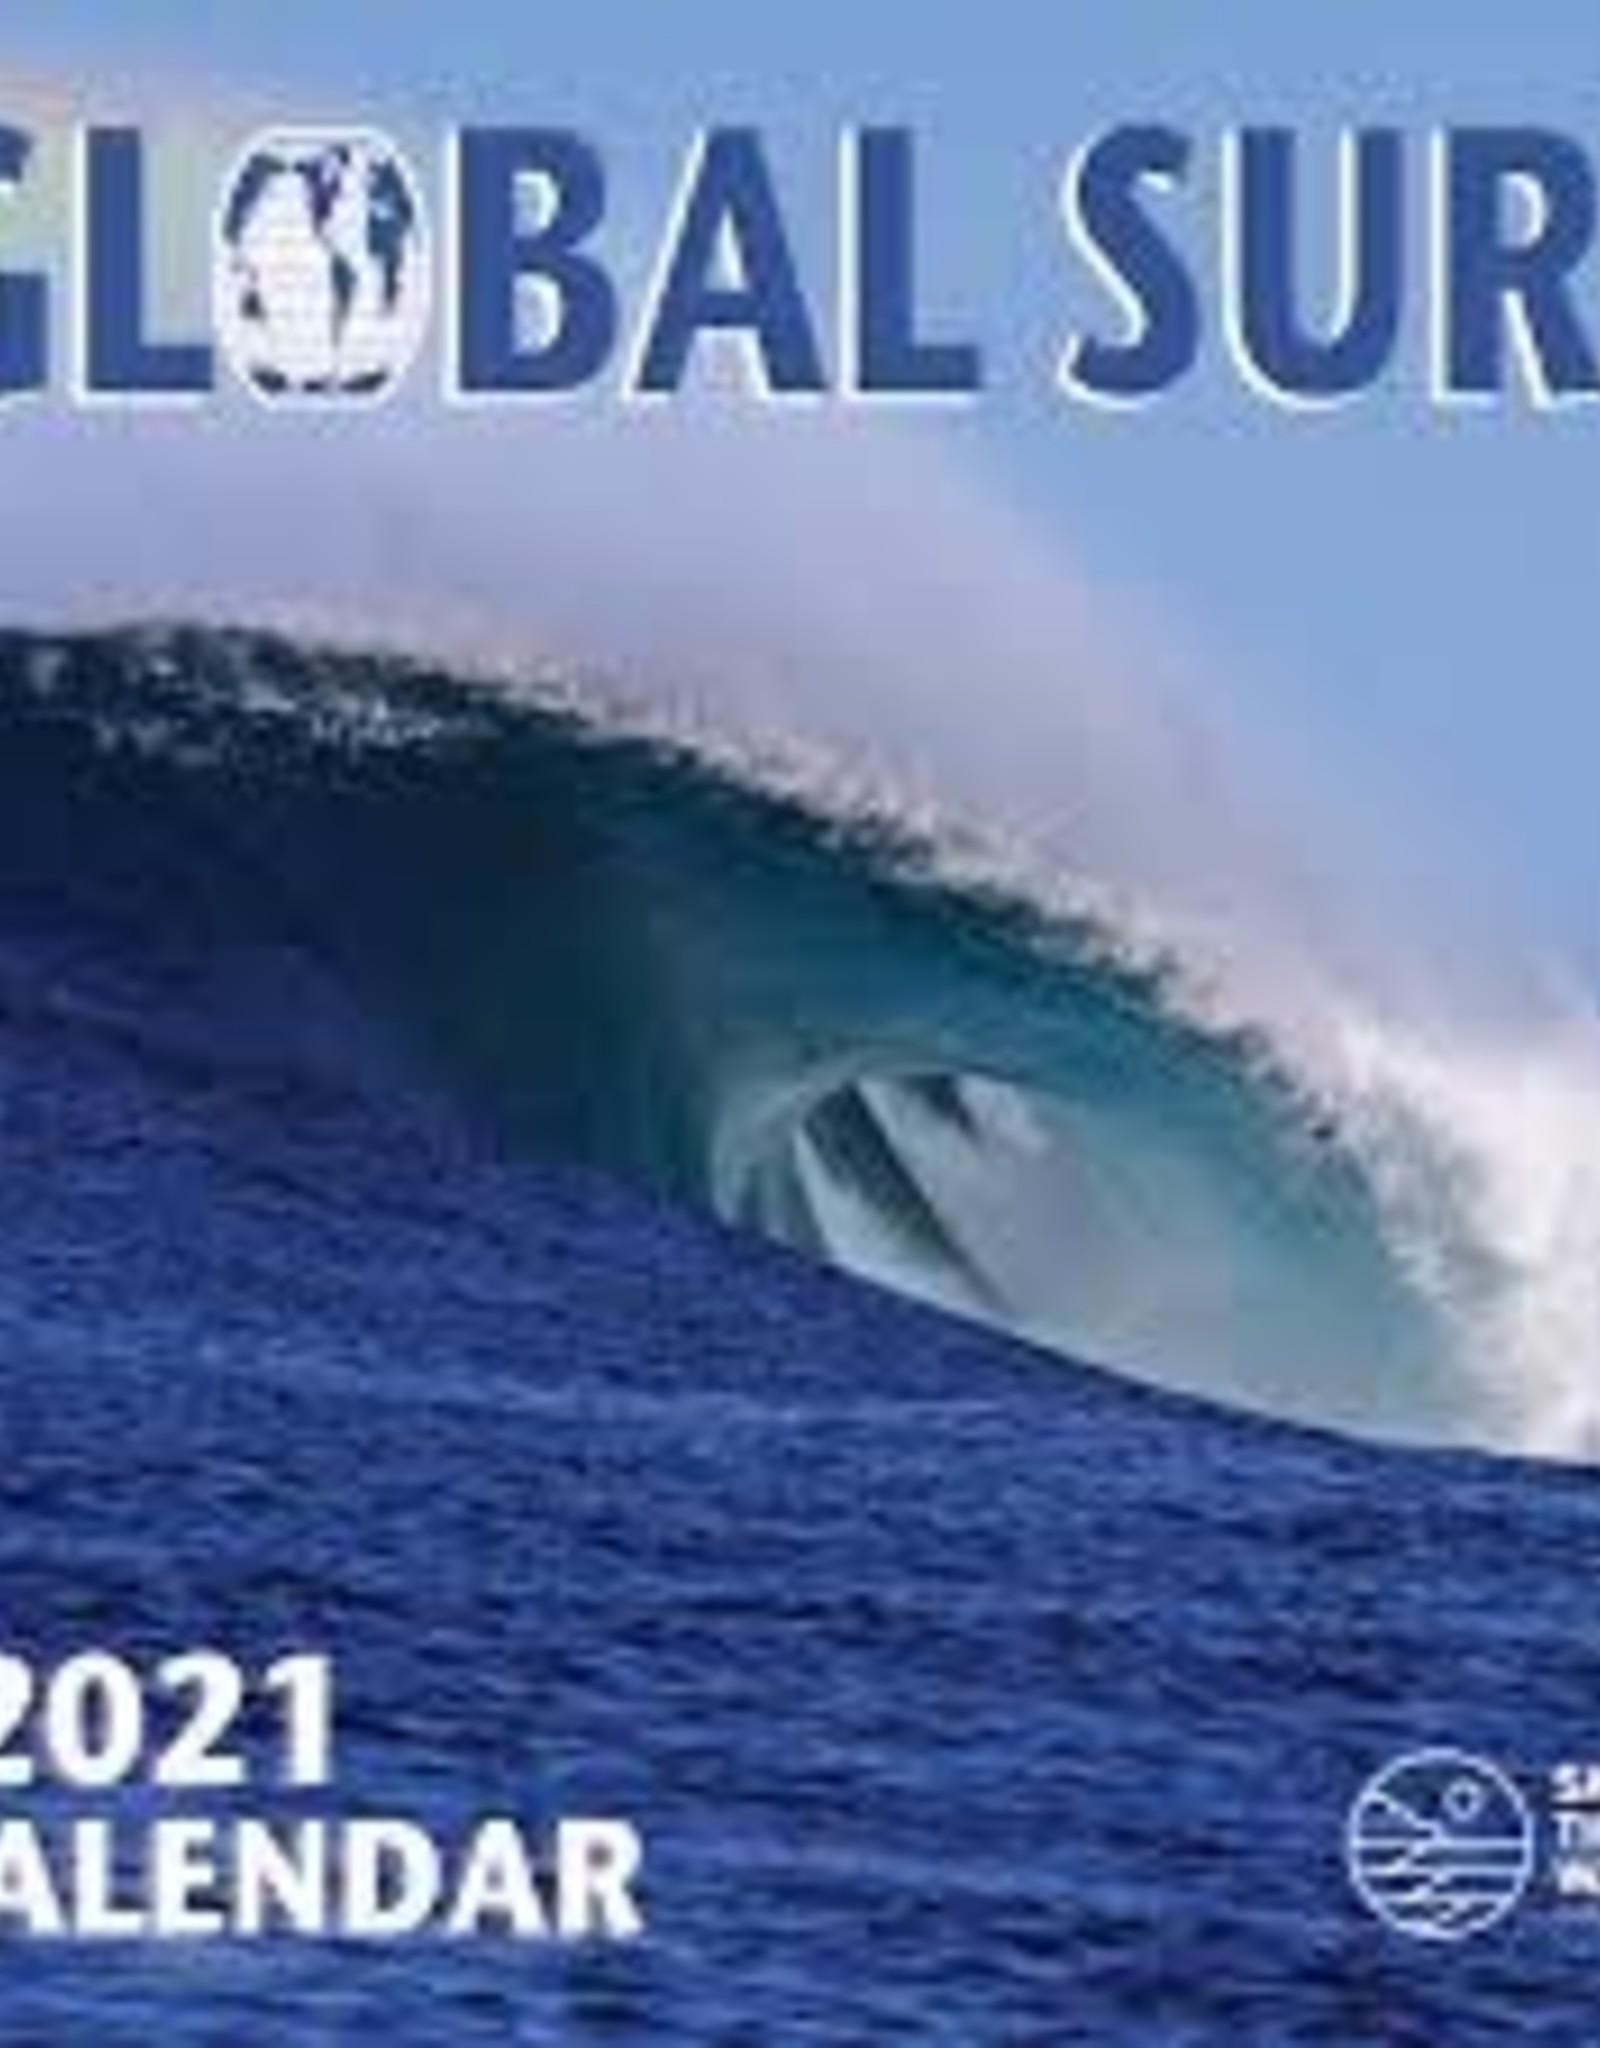 2021 Global Surf Calendar